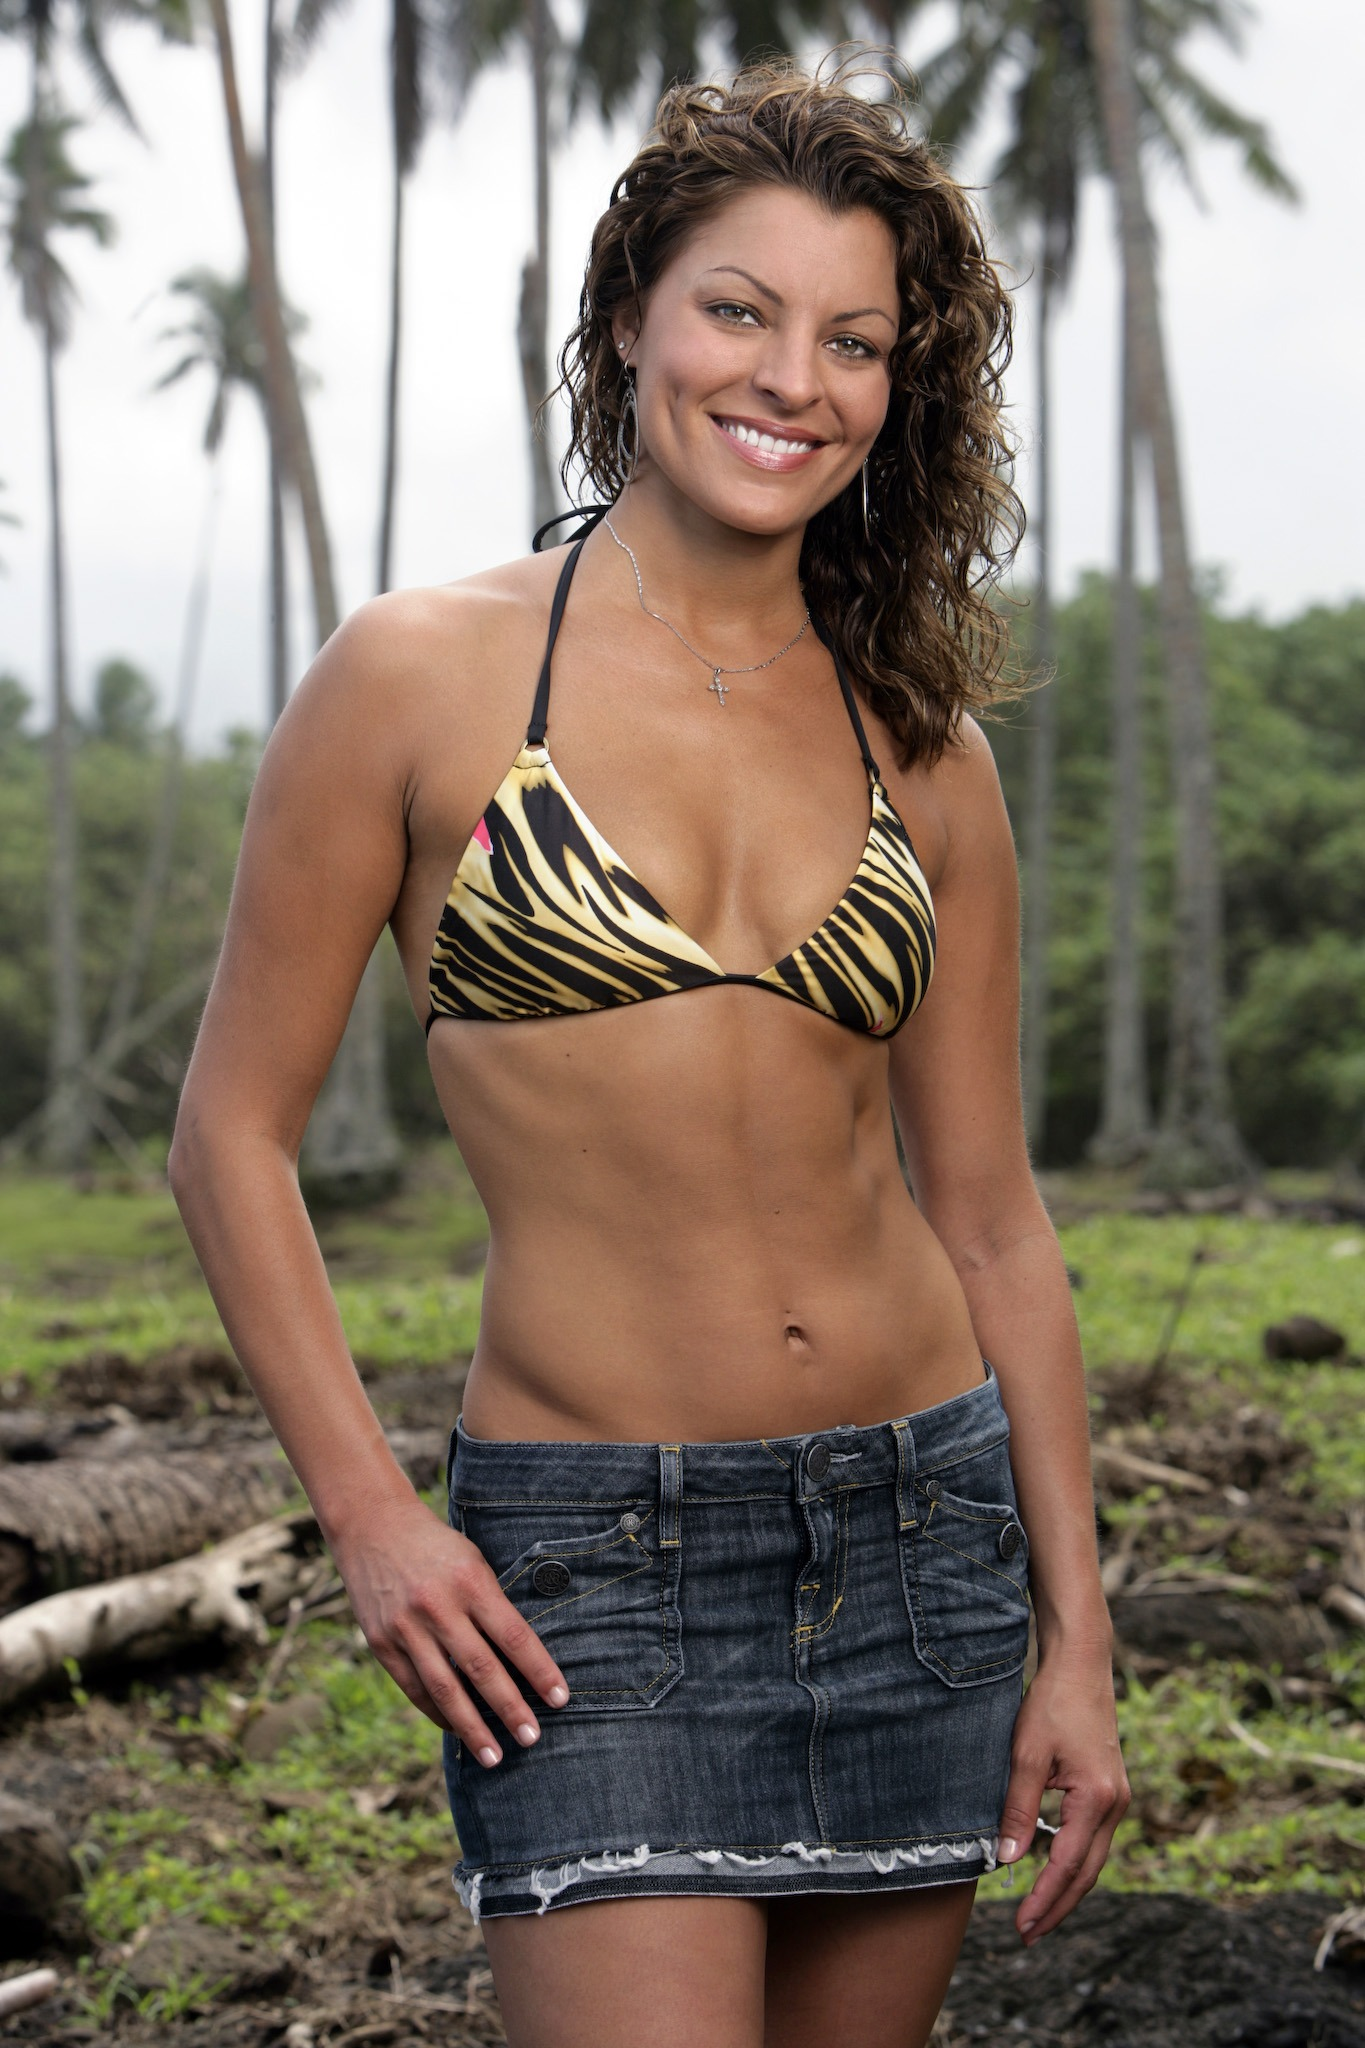 Angie Survivor hottest survivor girl, day 3: angie vs. stephenie, natalie t